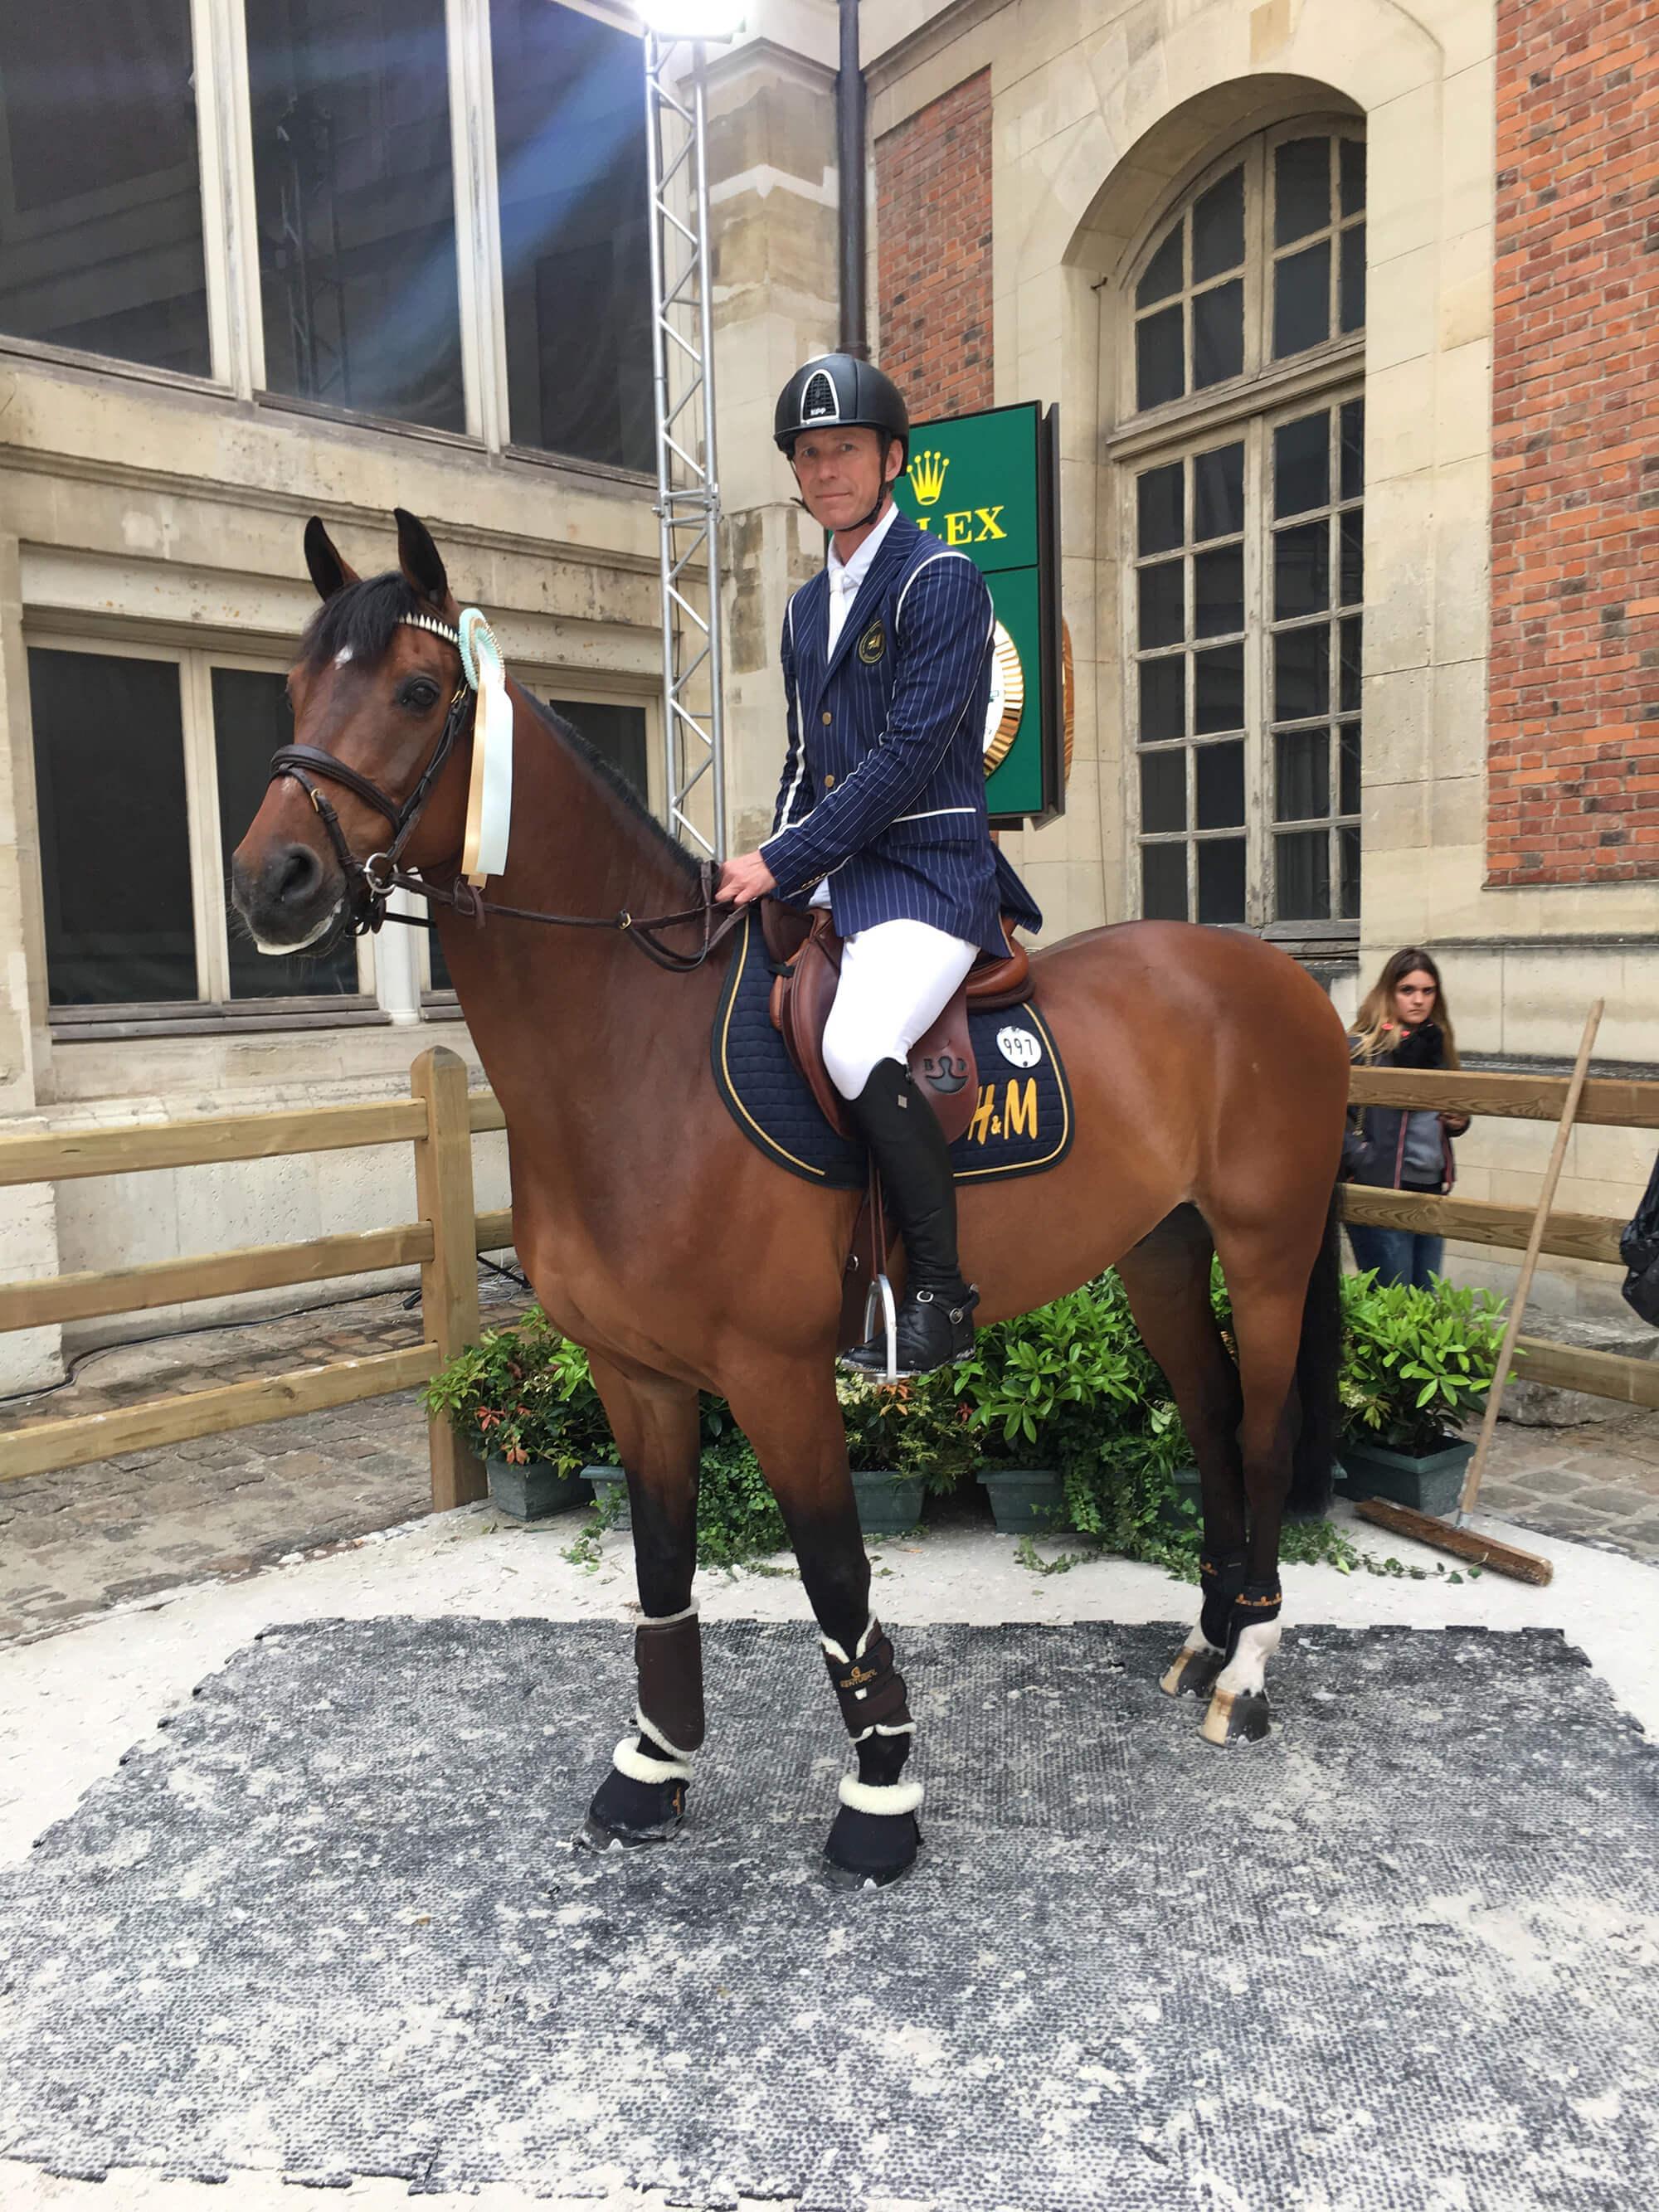 Ryttare och häst poserar utanför en byggnad